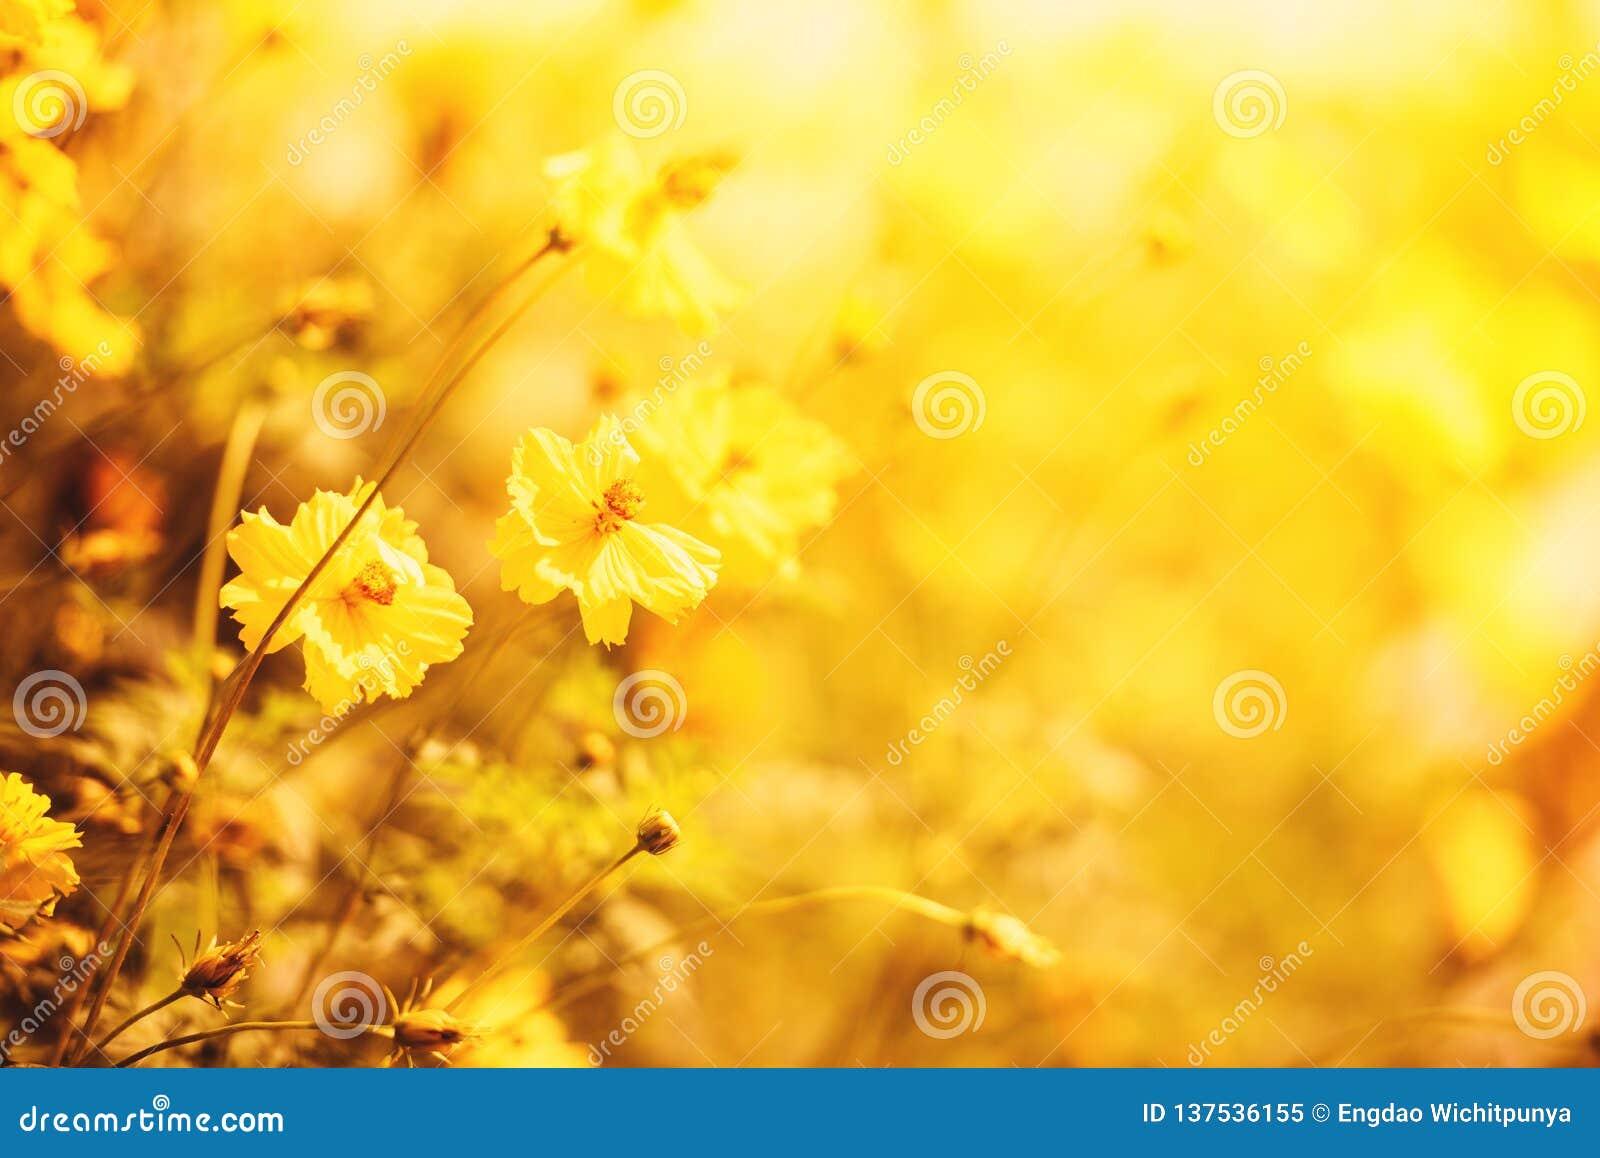 Blumenfeld-Unschärfehintergrund Gelbanlagencalendula-Herbstfarben der Natur gelbe schön im Garten